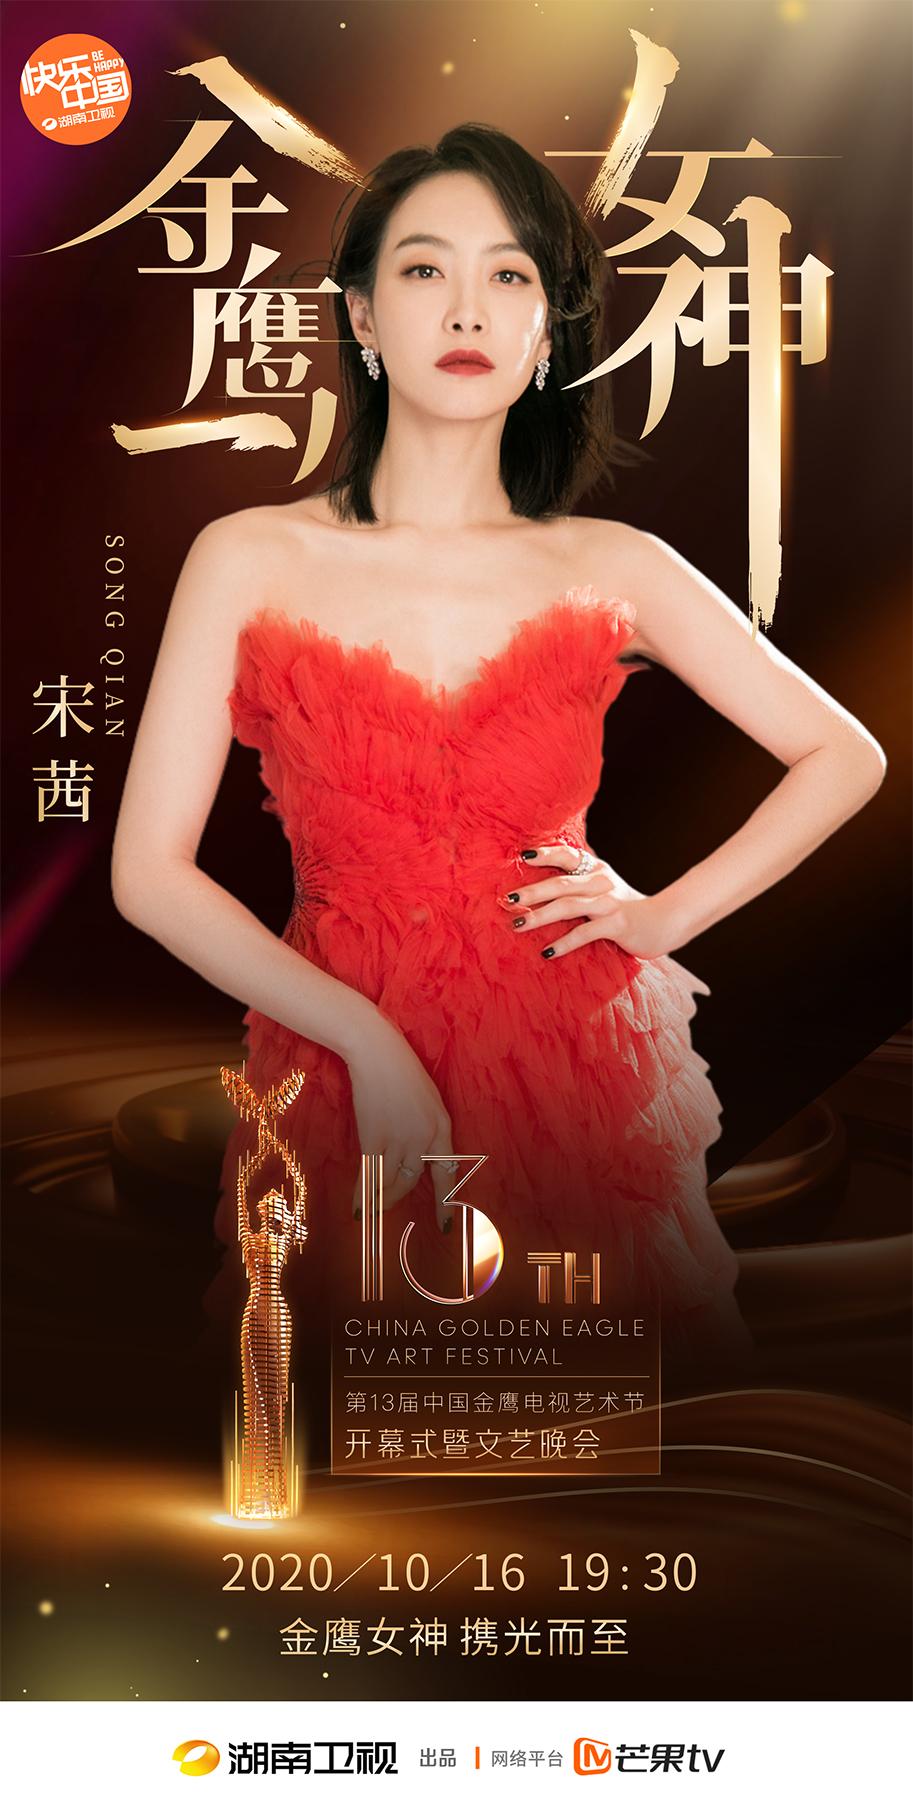 宋茜荣膺第13届中国金鹰电视艺术节金鹰女神